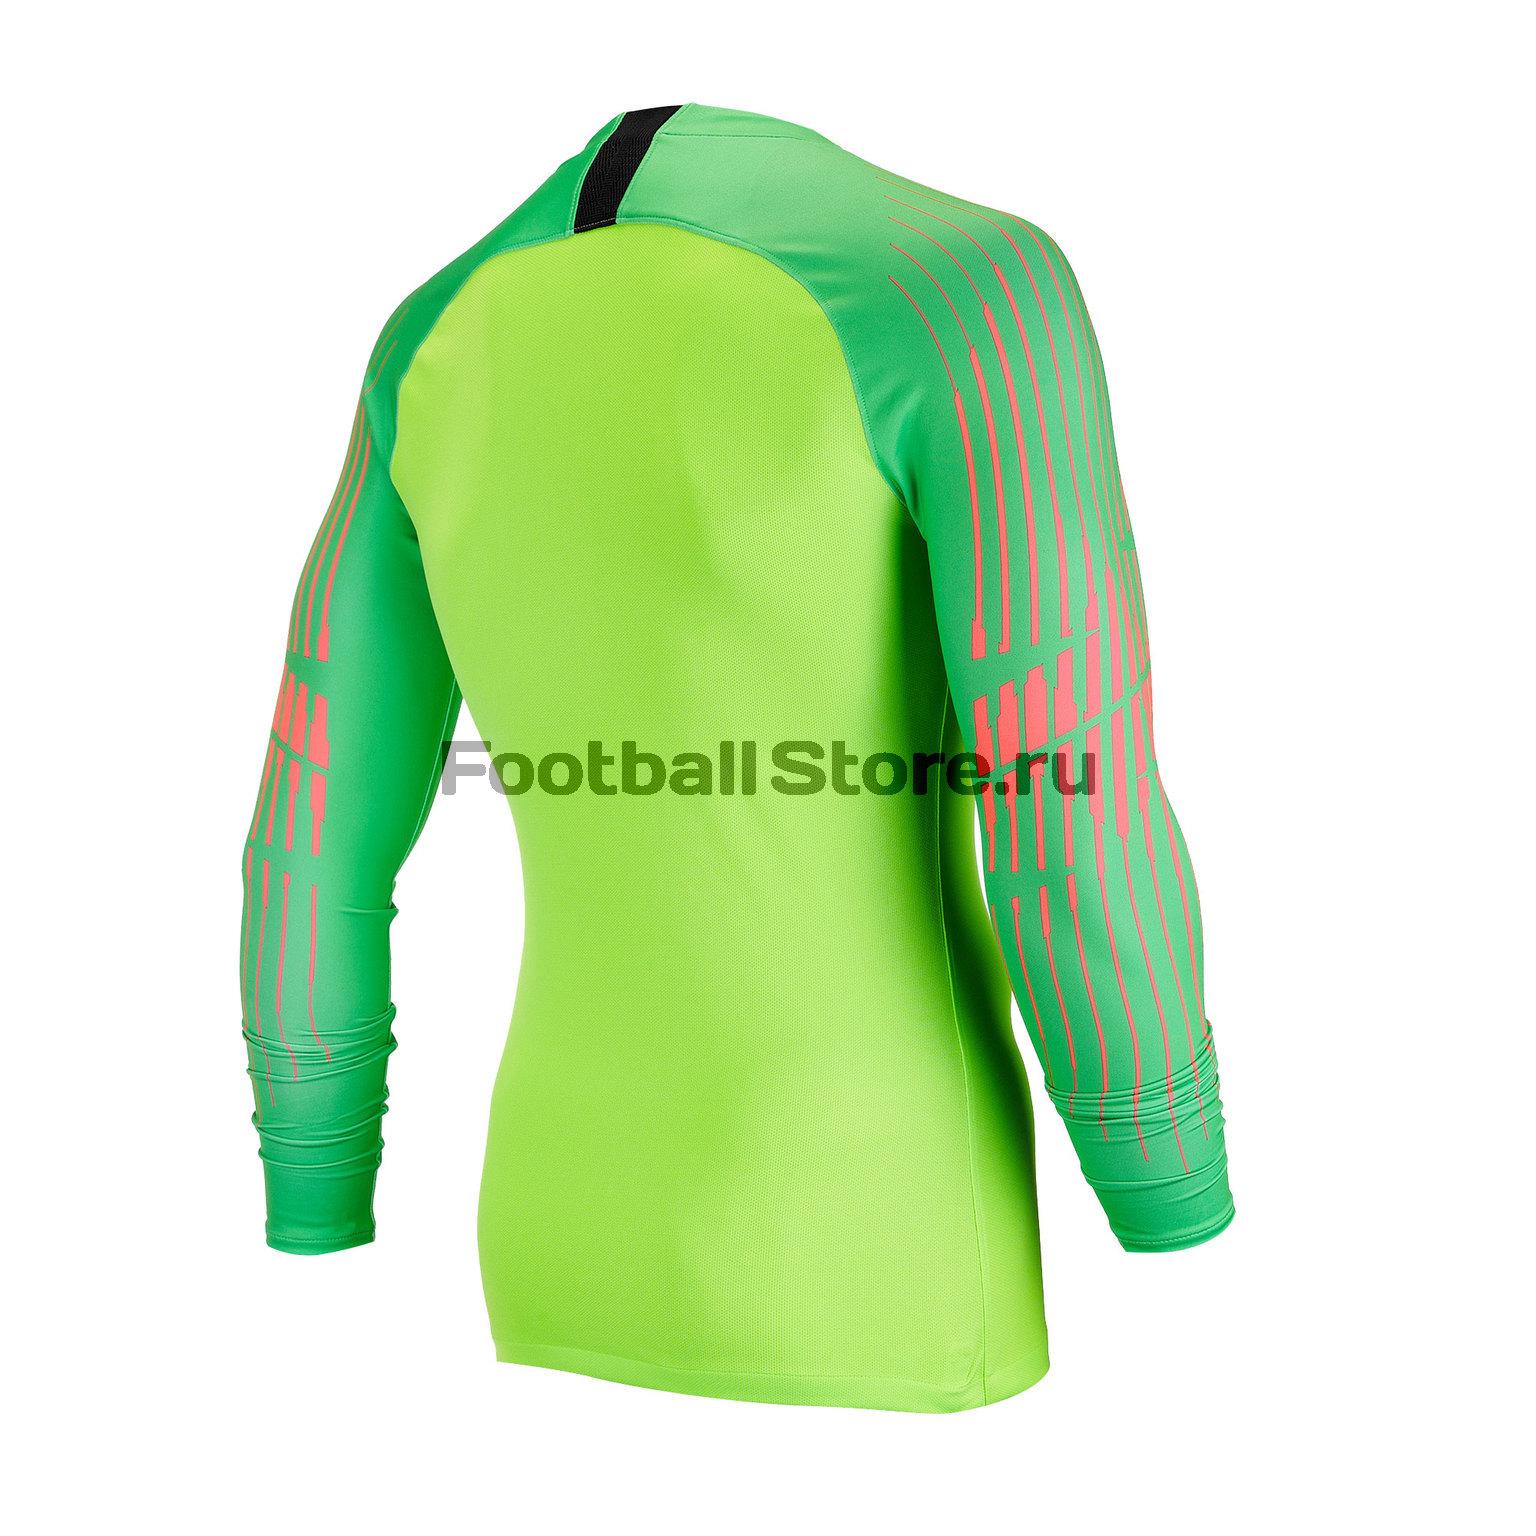 00b6efa76cb Вратарская футболка Nike Gardien II GK 898043-398 – купить в ...